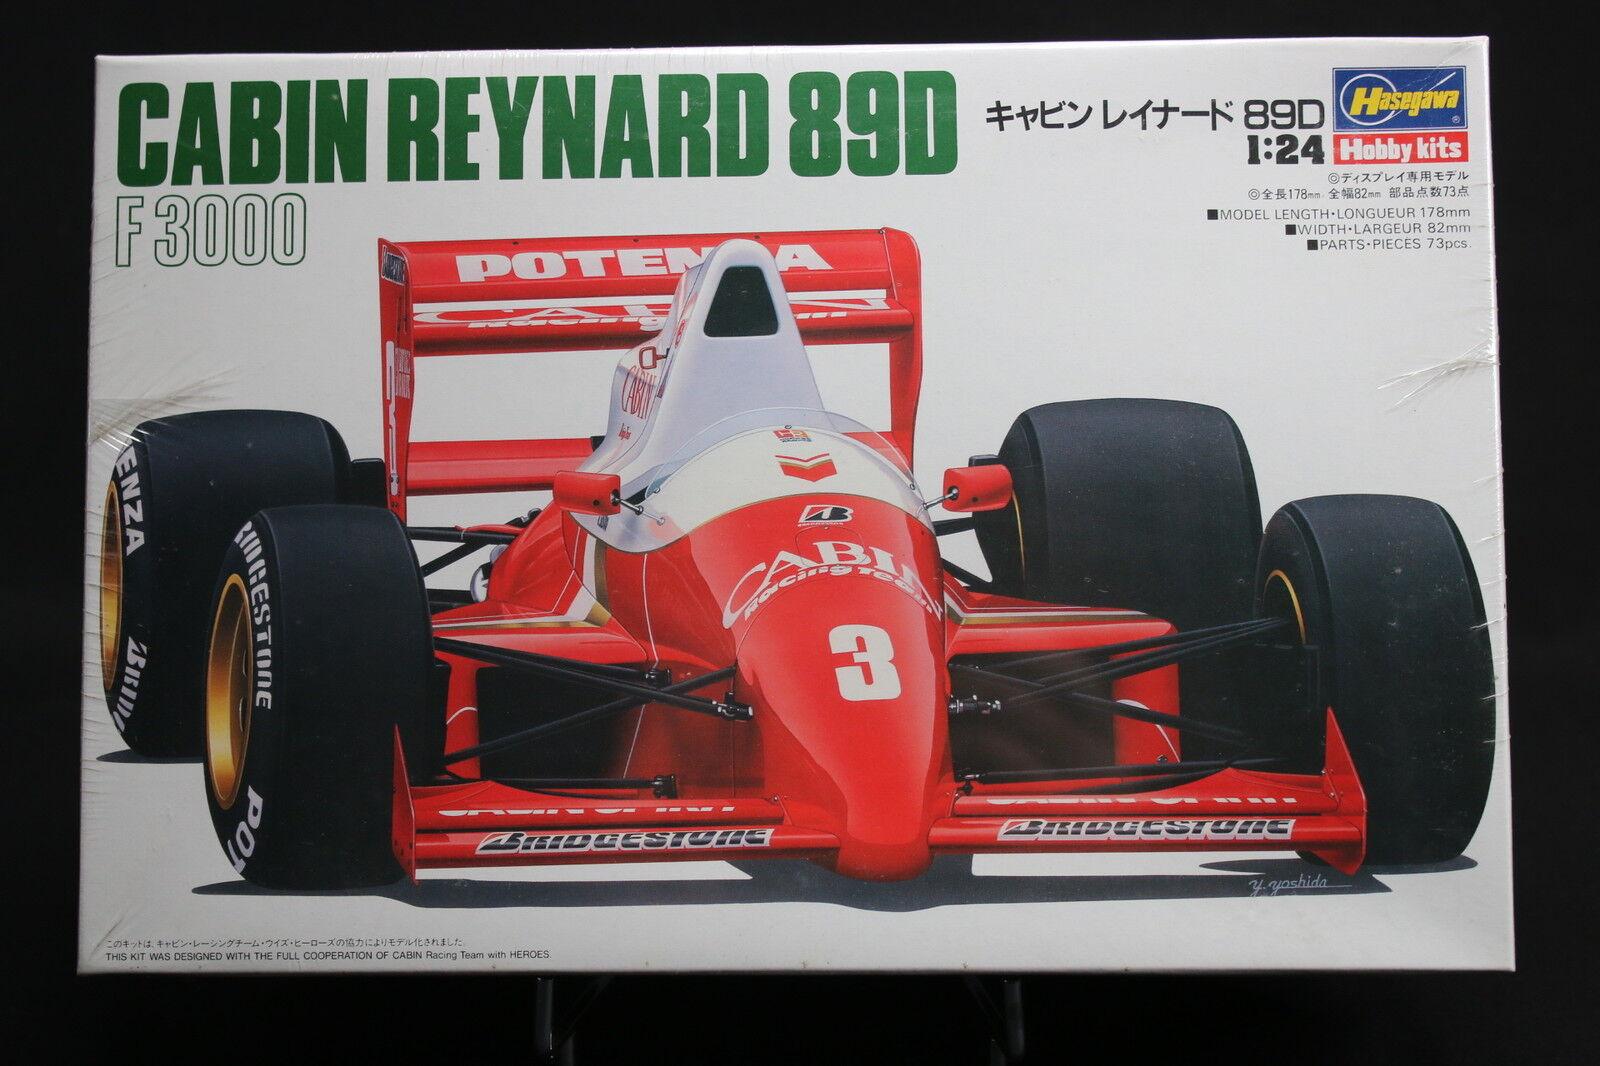 XO014 HASEGAWA 1 24 maquette voiture 23007 CF007 1200 Cabin Reynard 89D F3000